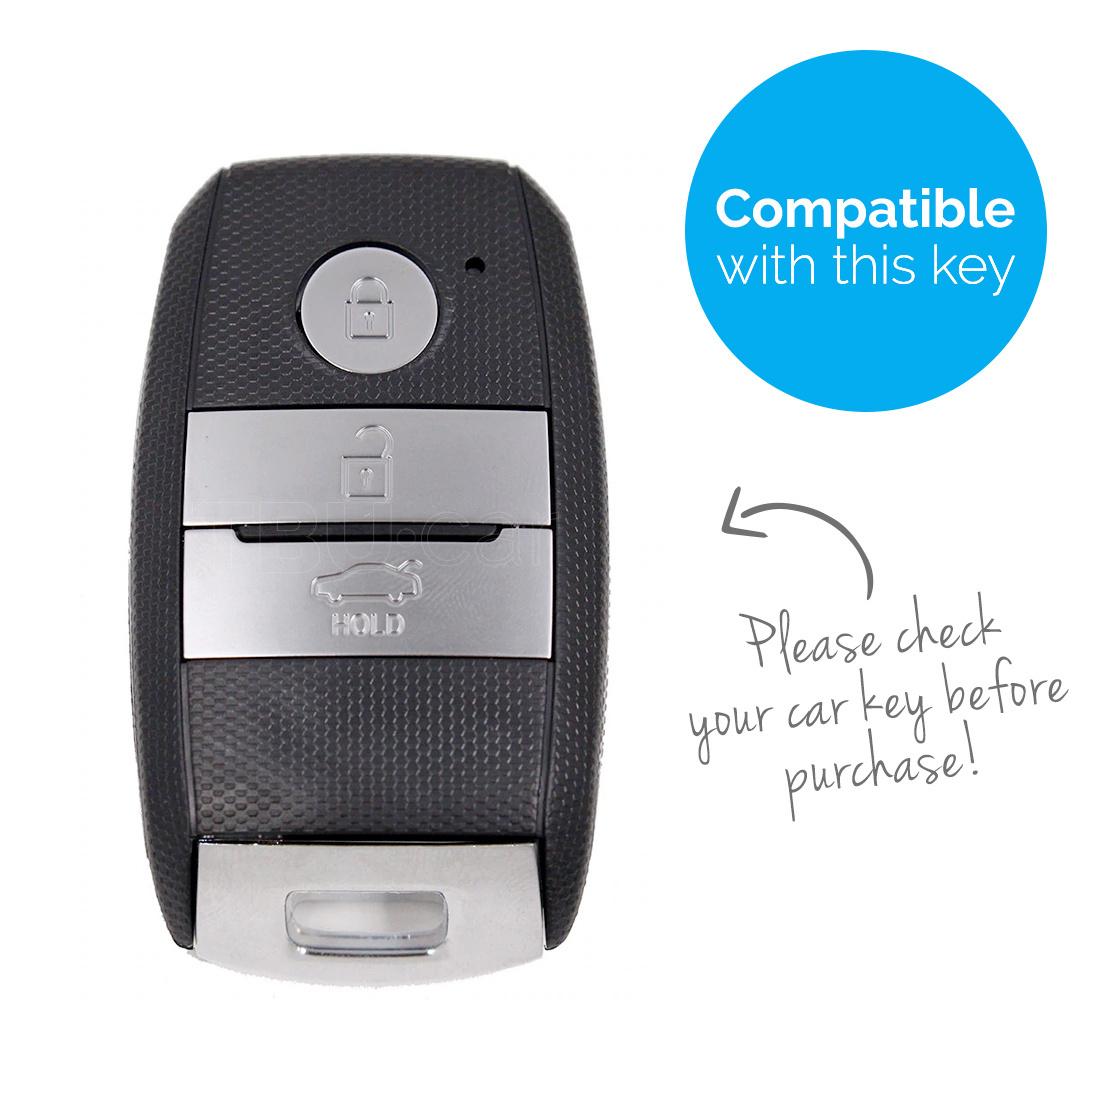 TBU car Autoschlüssel Hülle für Hyundai 3 Tasten (Keyless Entry) - Schutzhülle aus Silikon - Auto Schlüsselhülle Cover in Weiß